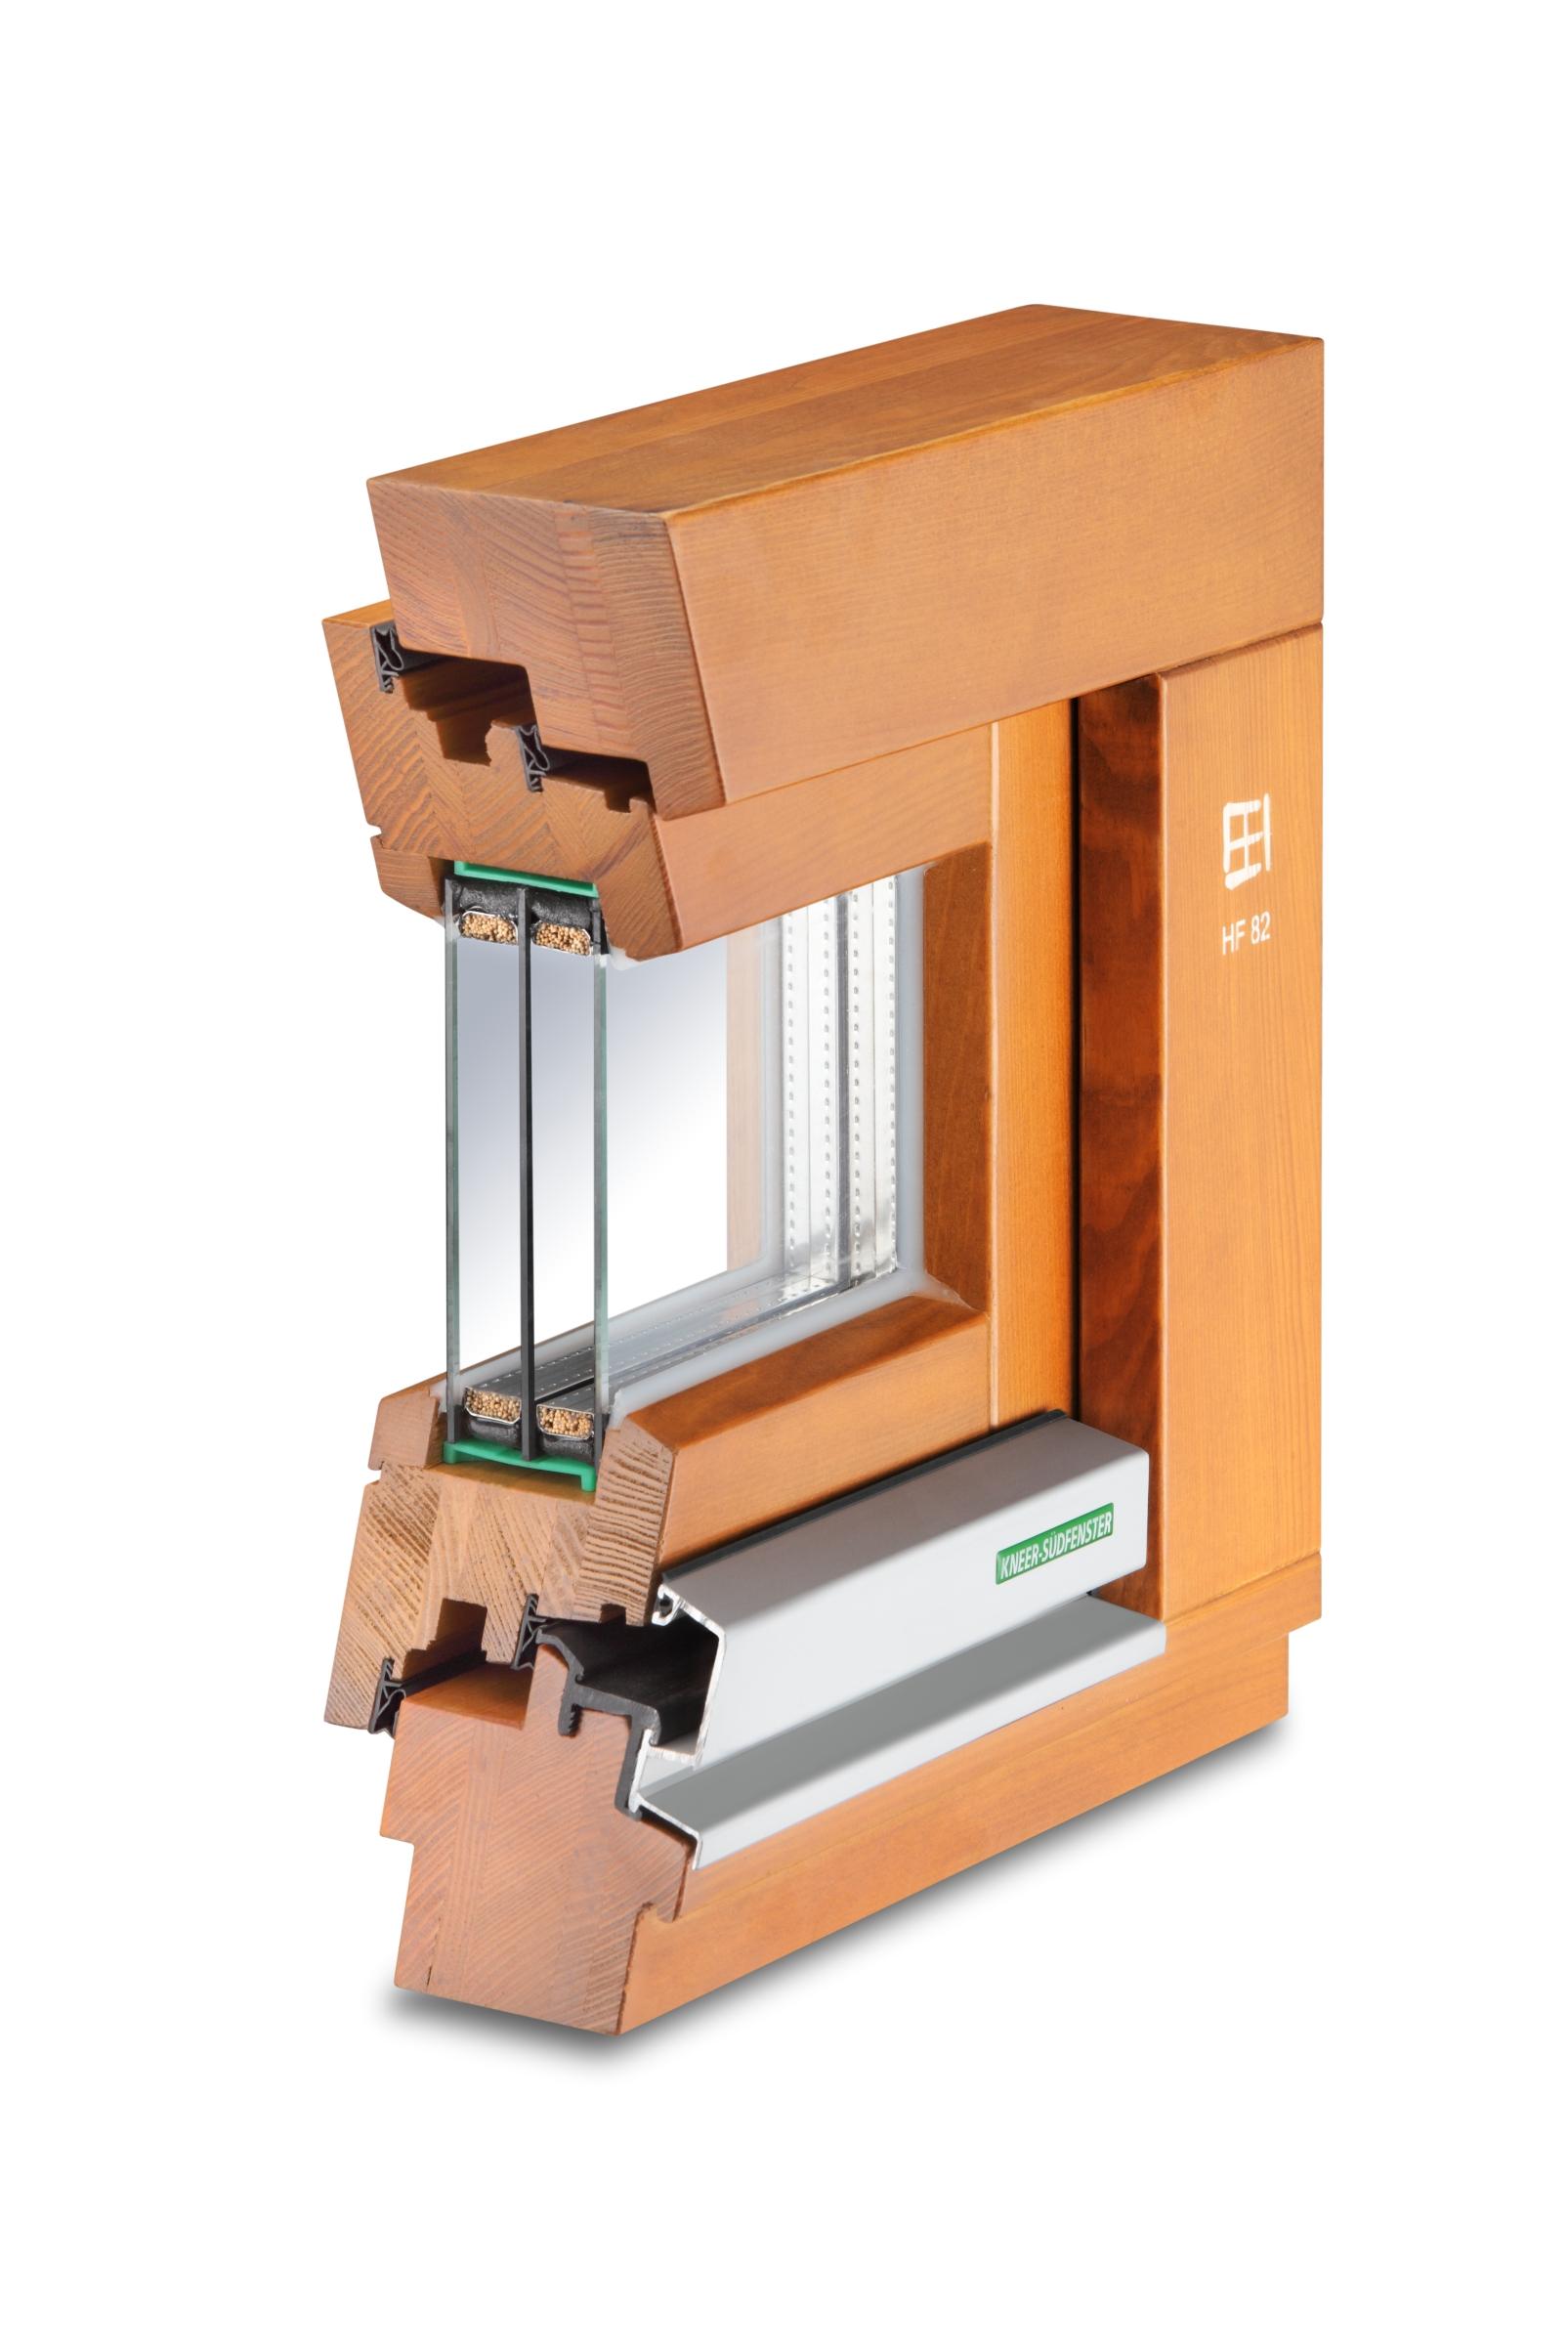 Full Size of Weru Fenster Preisliste Preise Afino Castello Preis Dreifachverglasung Berechnen Preisvergleich One Neue Kaufen Planungswelten Günstige 120x120 Gebrauchte Fenster Weru Fenster Preise